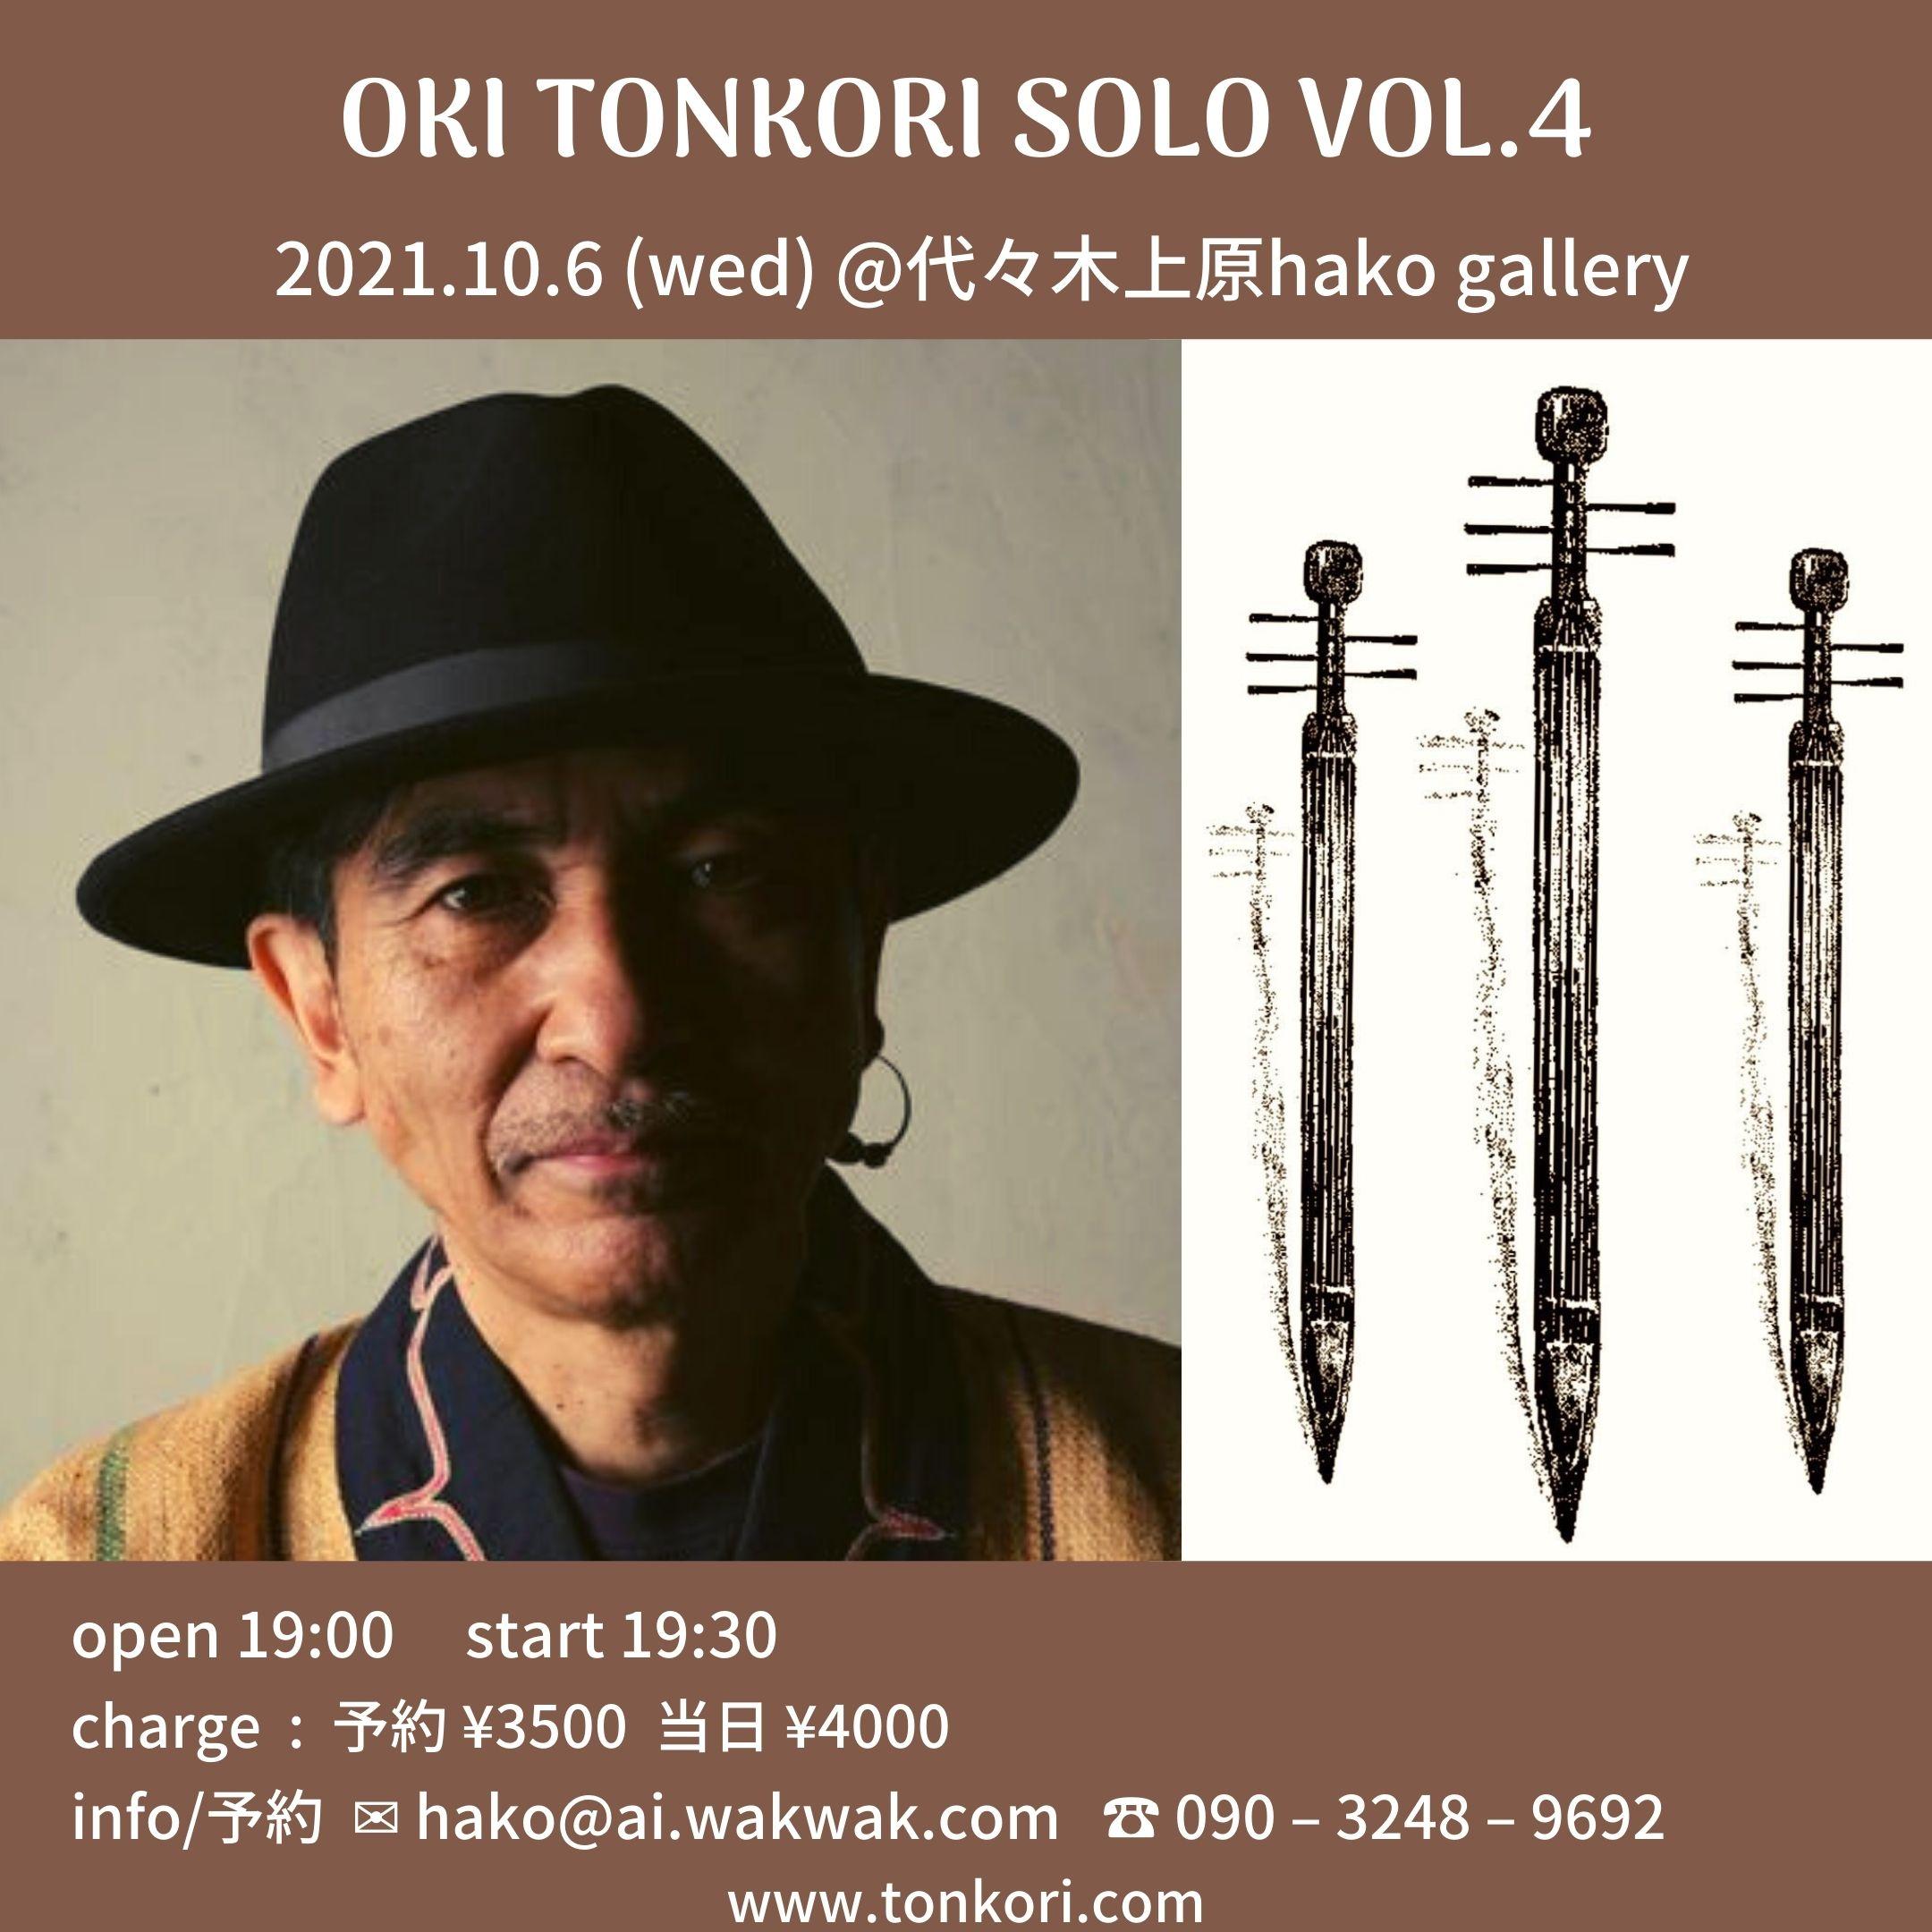 OKI TONKORI SOLO VOL.4